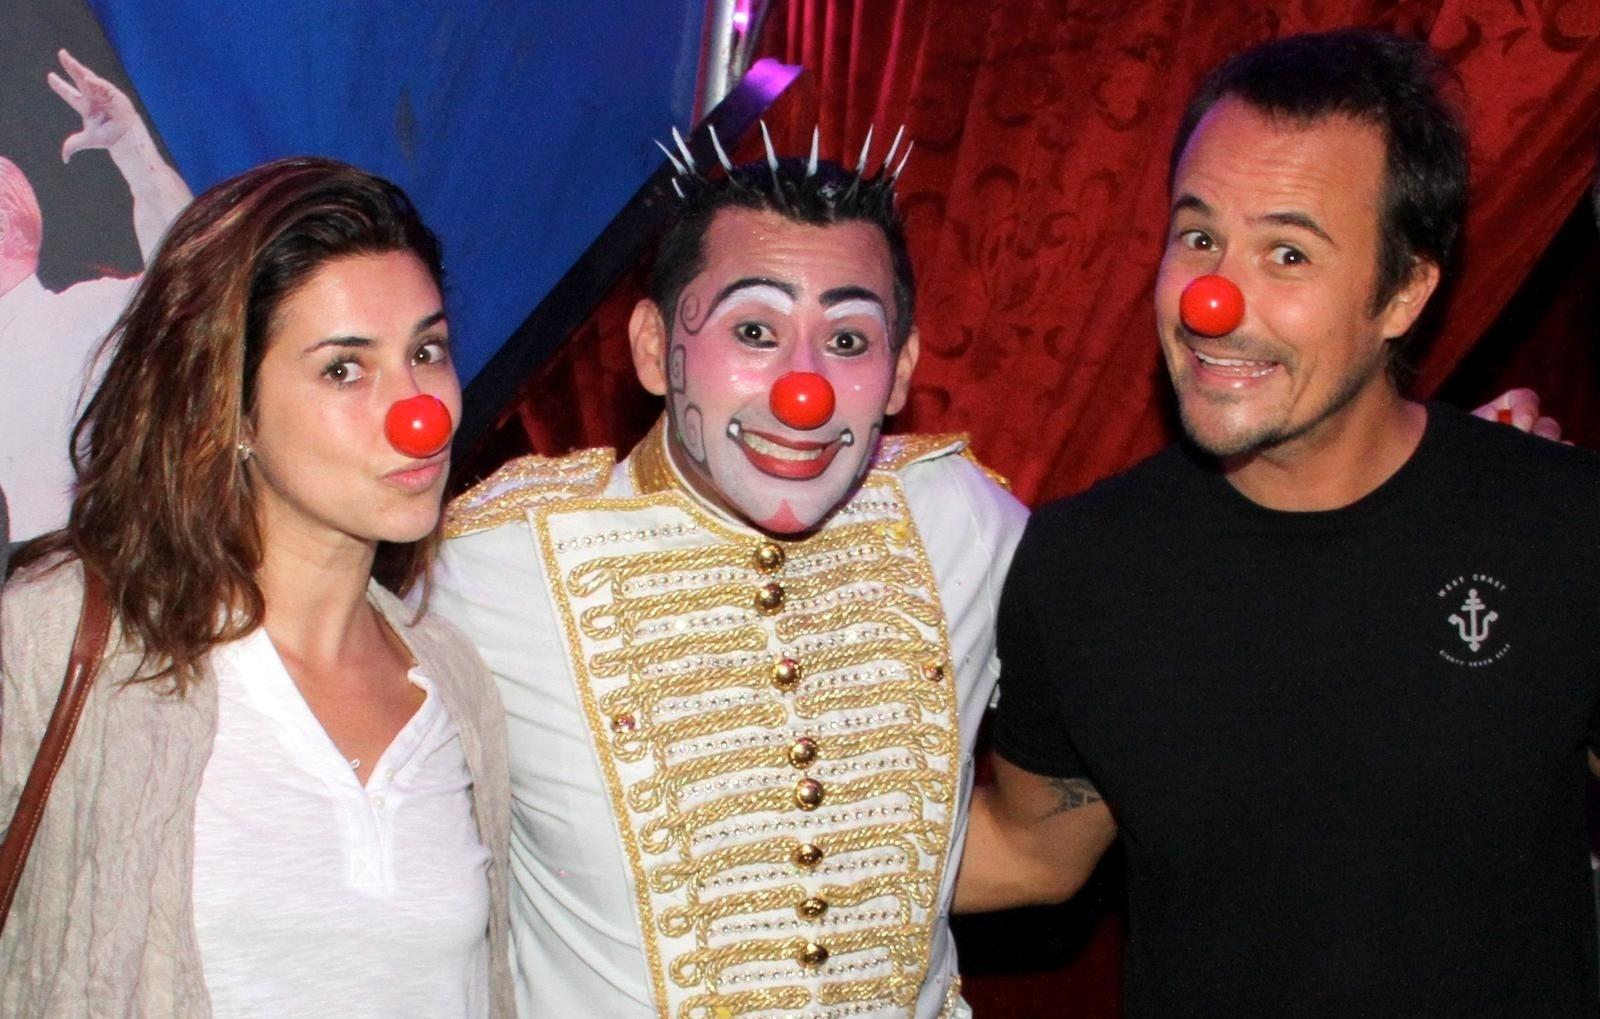 18.set.2013 - Com nariz de palhaço, Fernanda Paes Leme e Paulinho Vilhena posam com o palhaço Henry